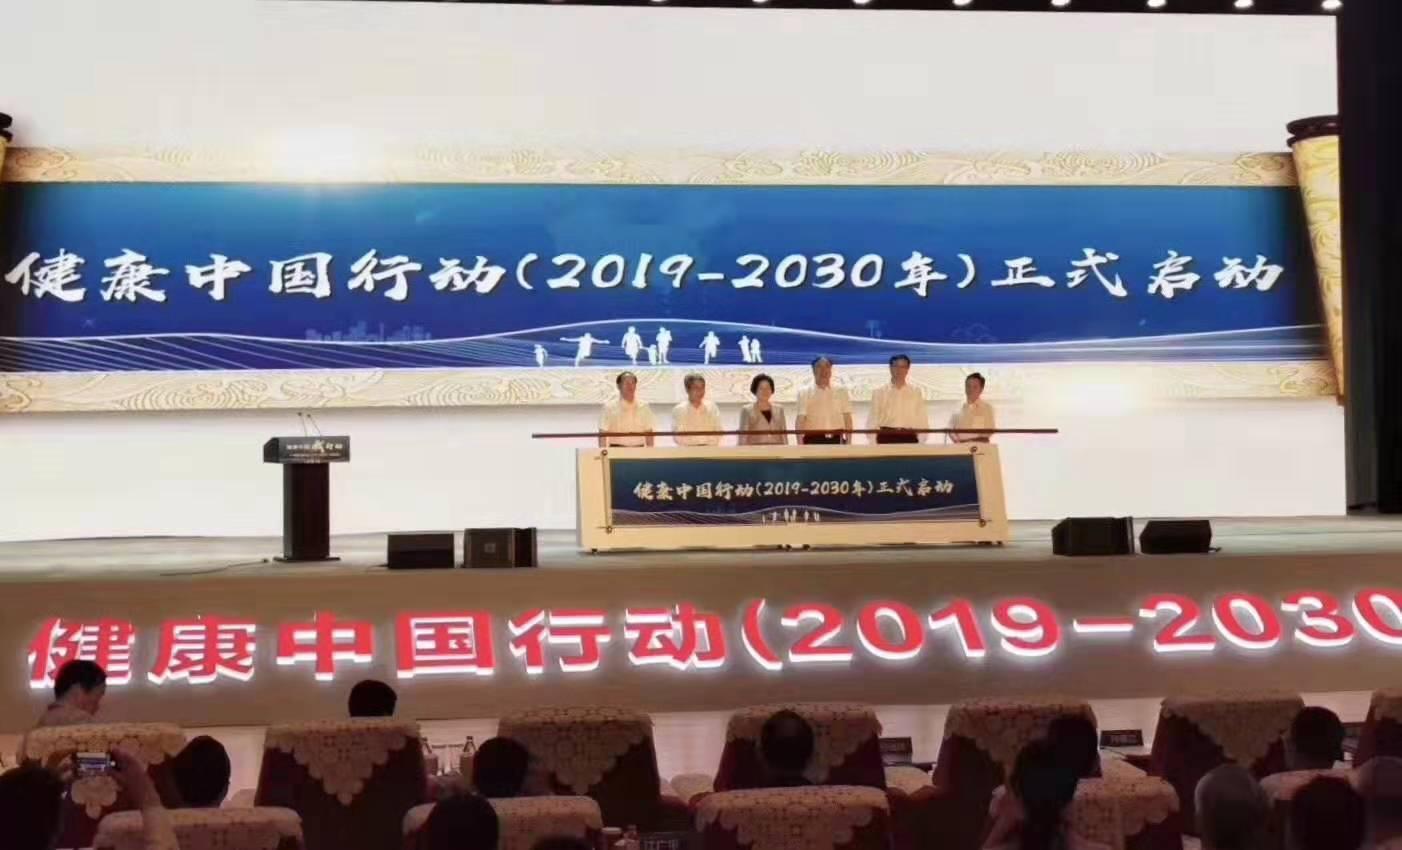 孙春兰在健康中国行动启动仪式上强调 推进健康中国建设 增进人民健康福祉